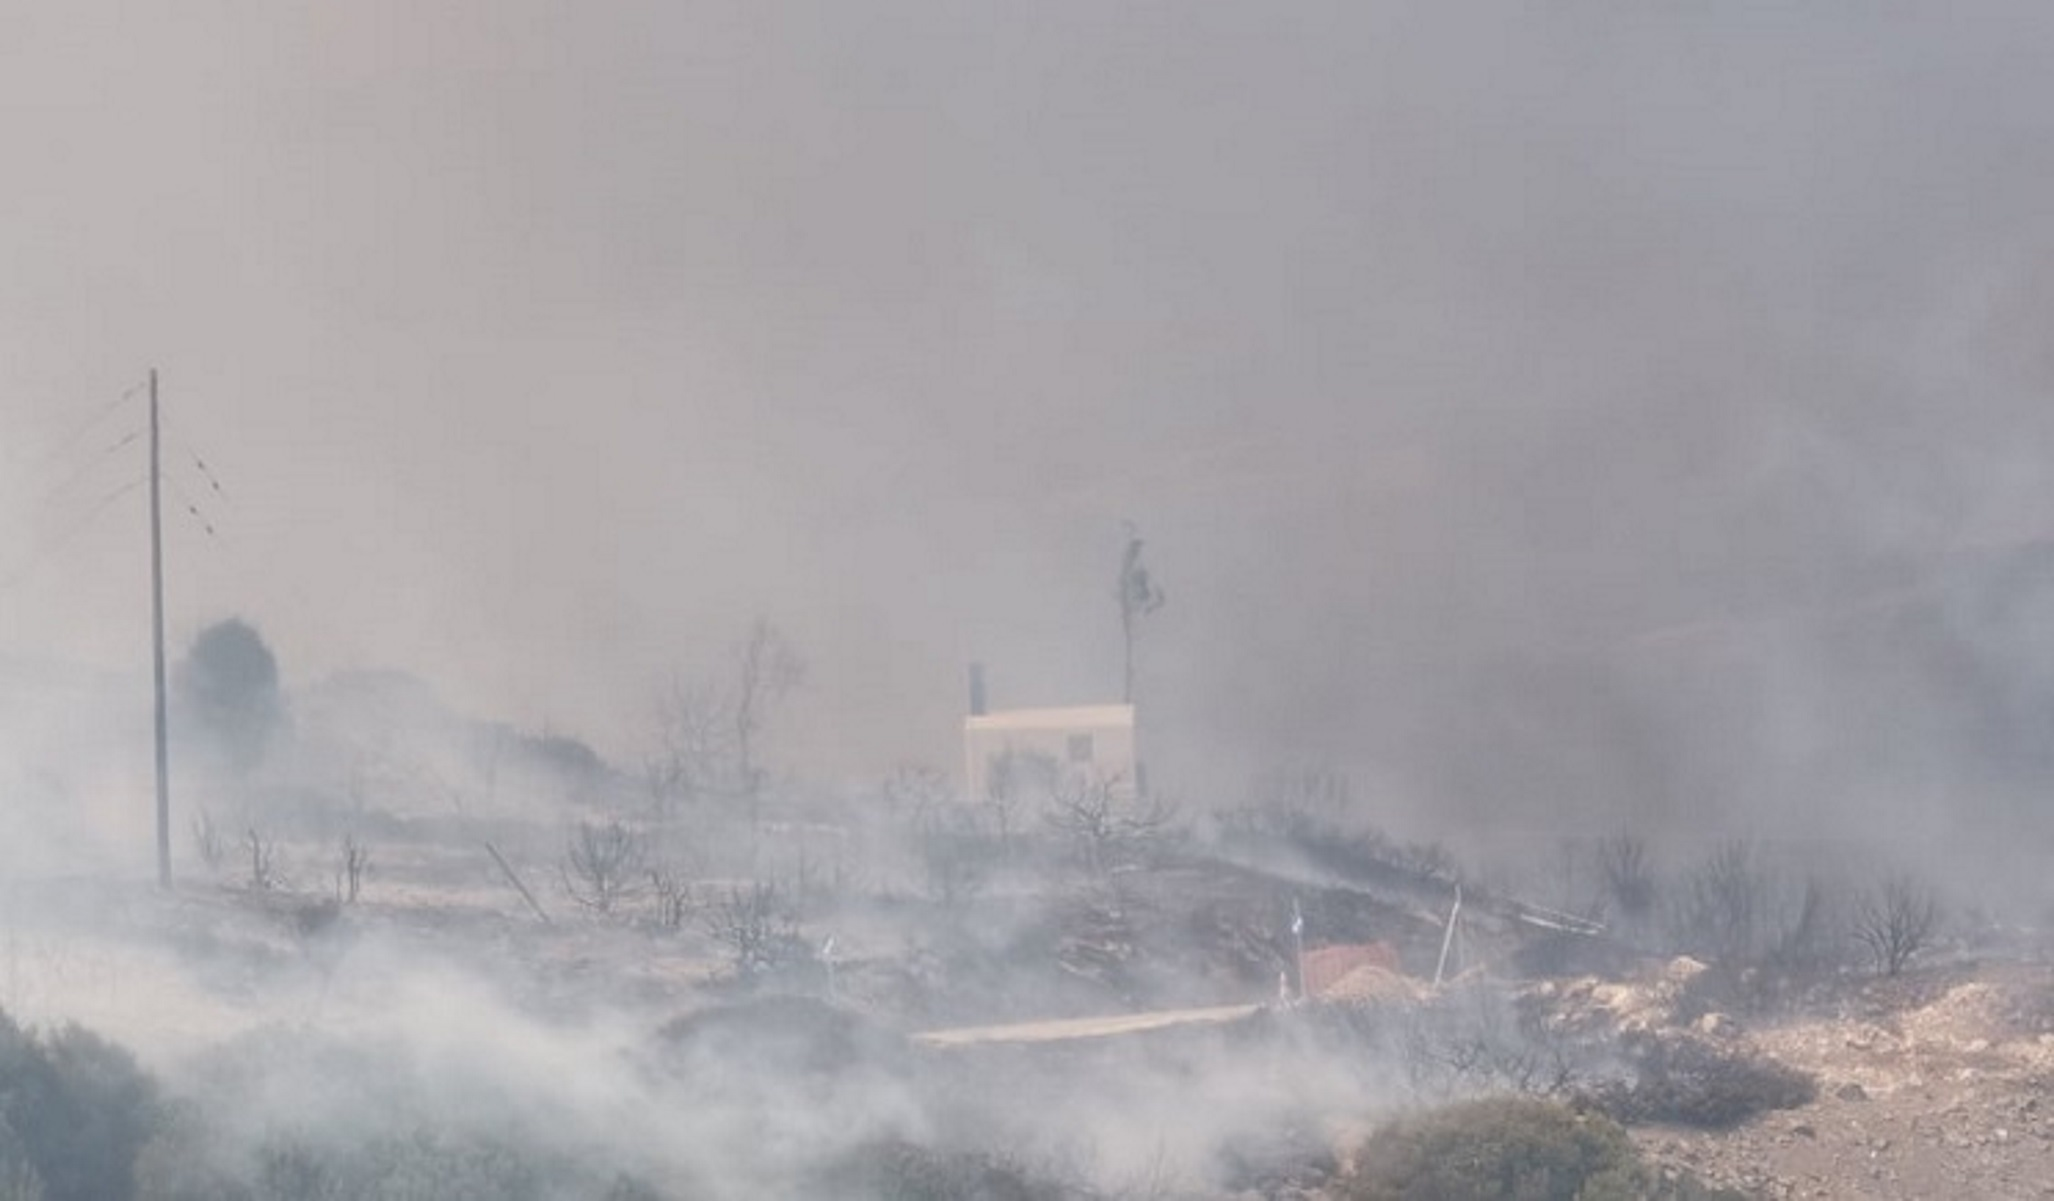 Φωτιά στην Πάρο: Οι φλόγες έφτασαν κοντά σε σπίτια (video)